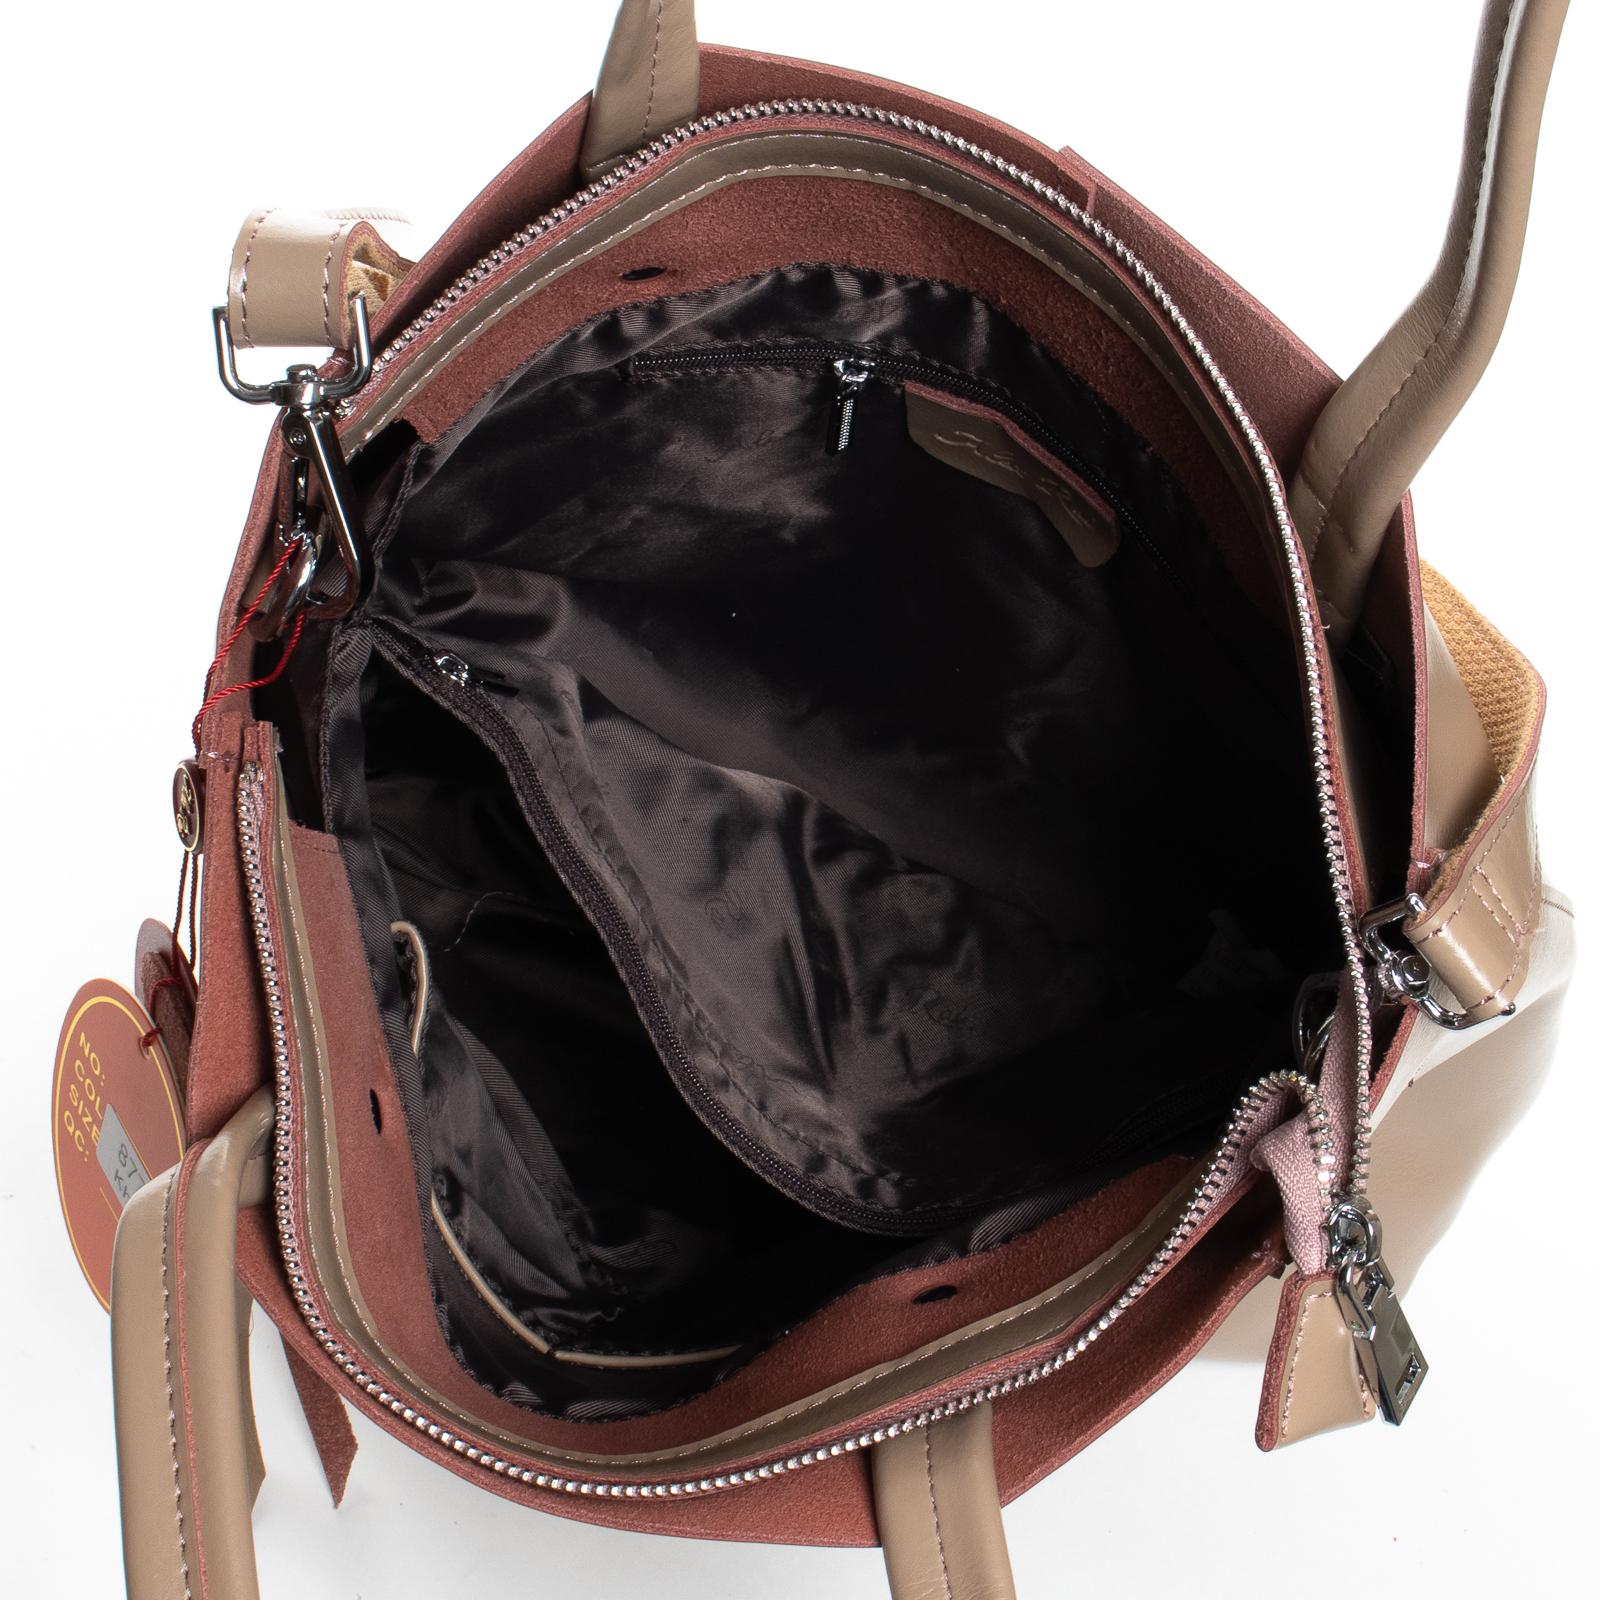 Сумка Женская Классическая кожа ALEX RAI 07-03 8773 khaki - фото 5